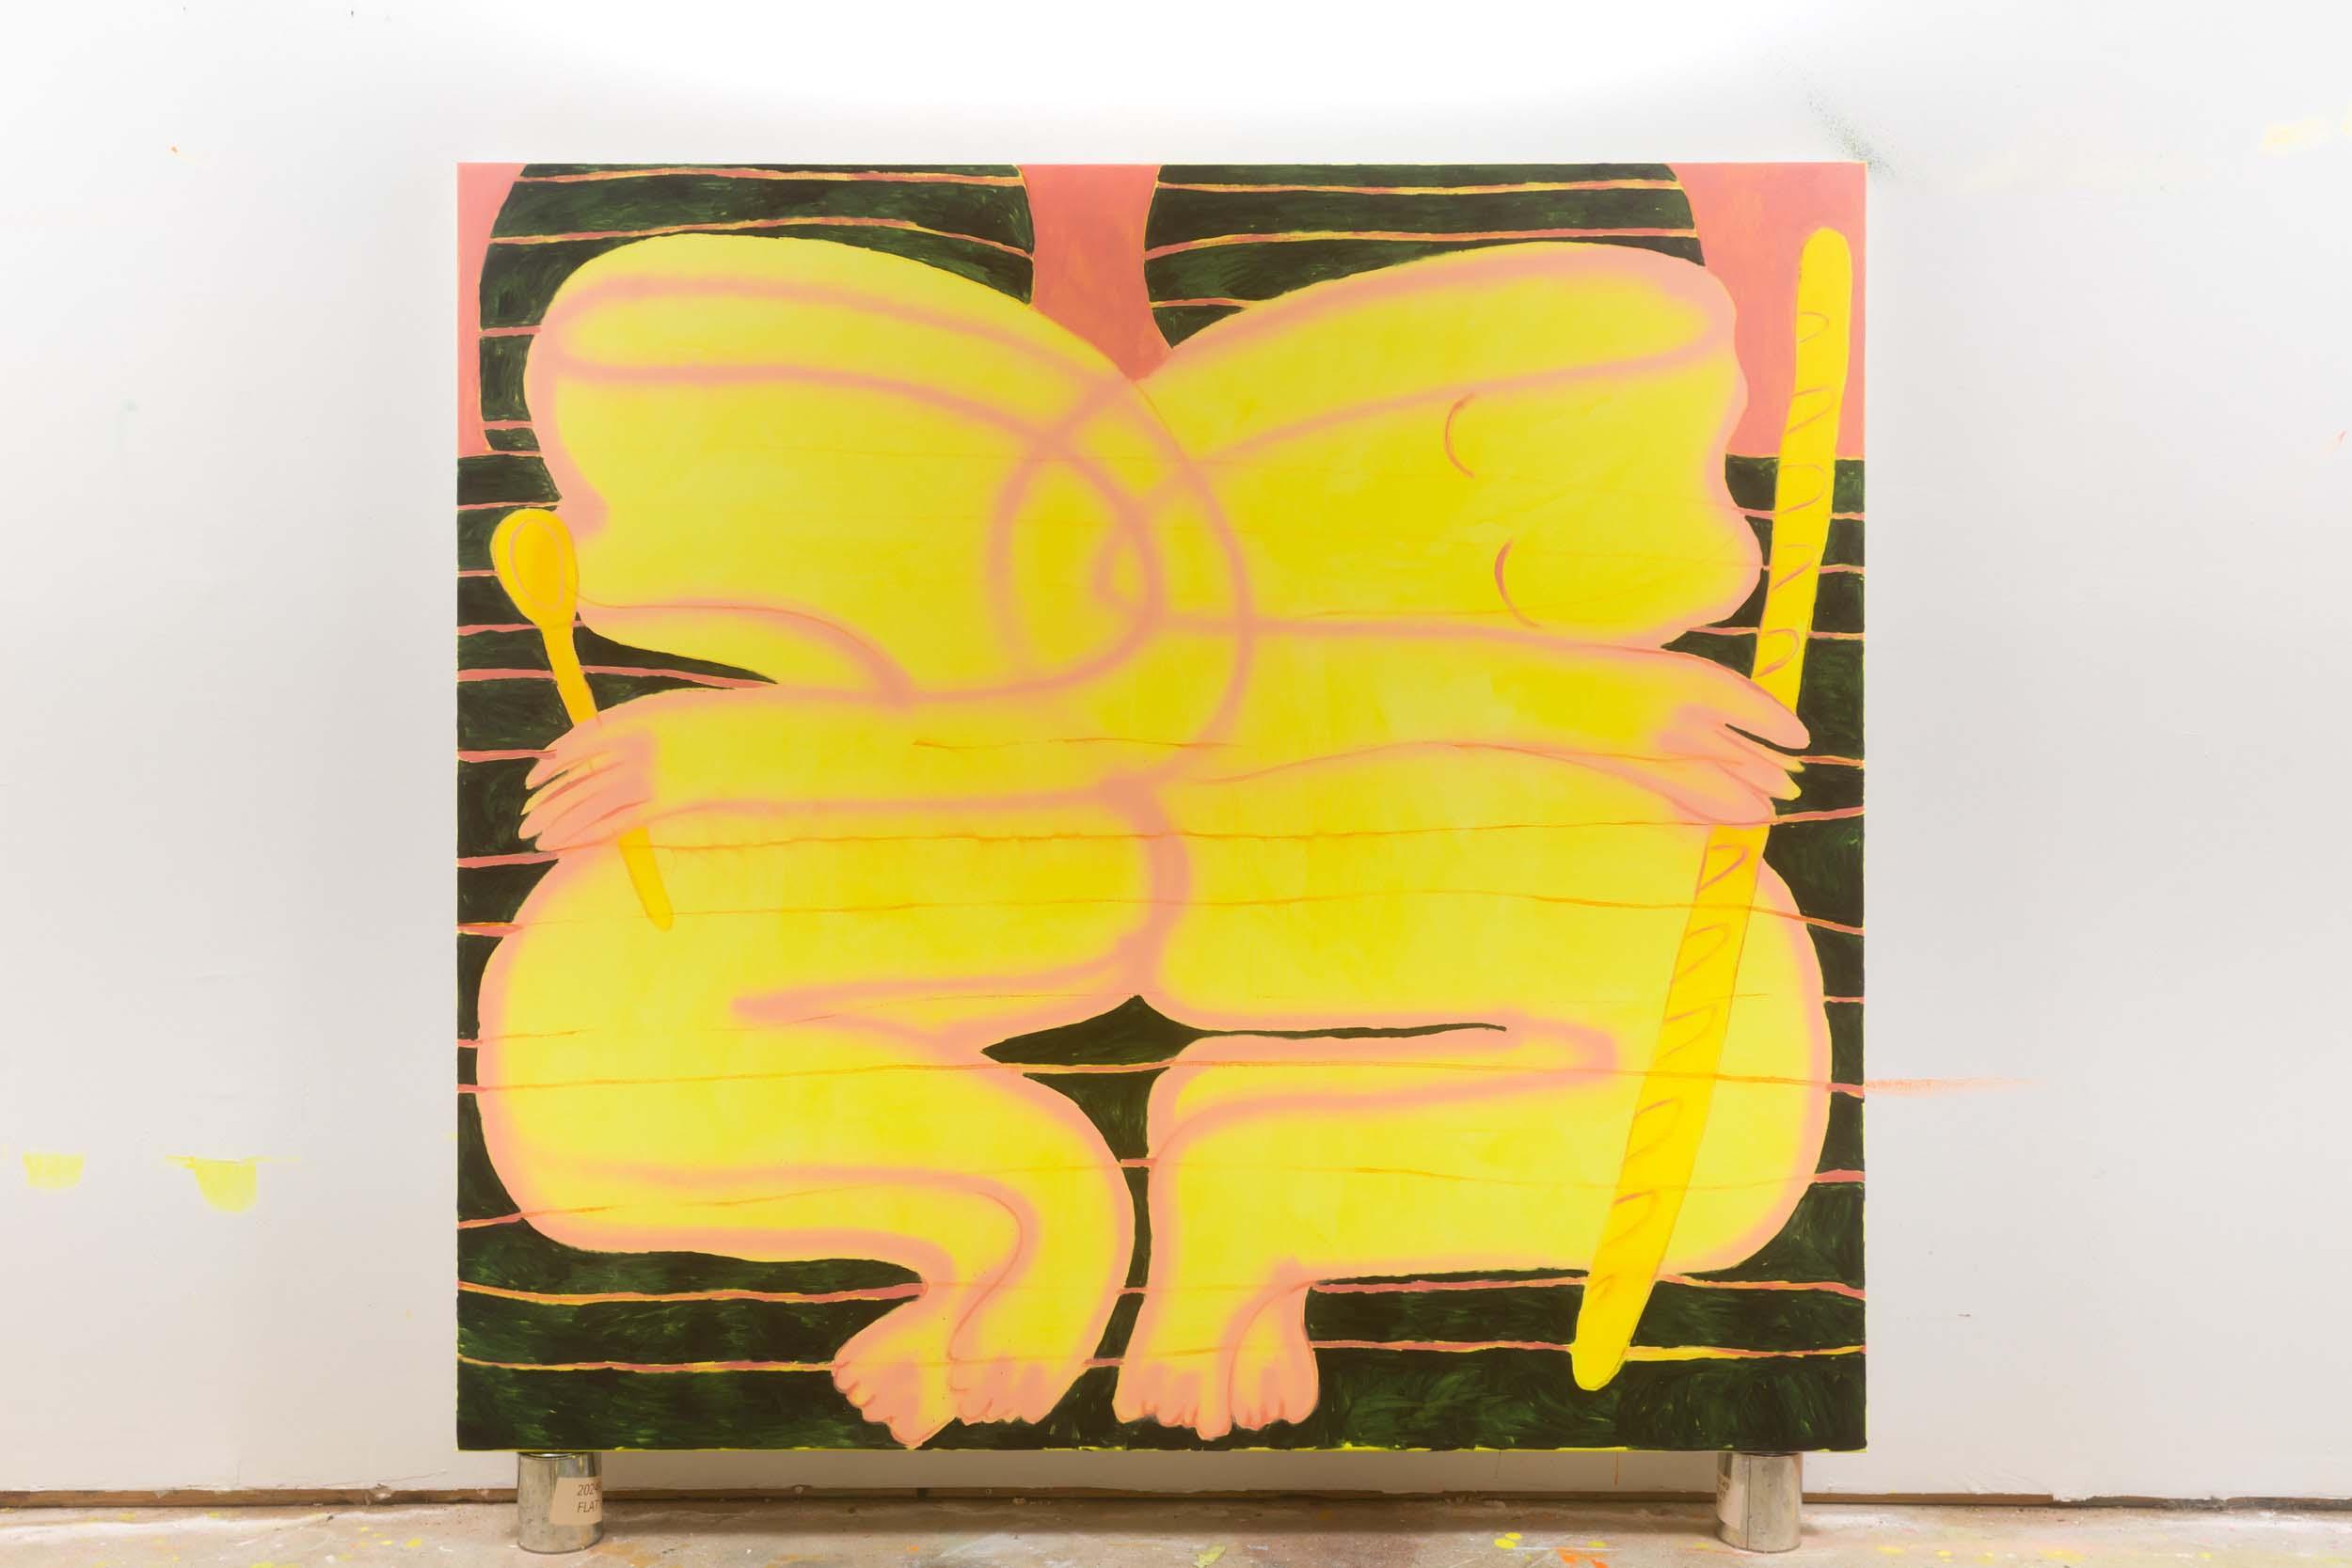 Tahnee Lonsdale, 'Big Spoon, Little Spoon' -70